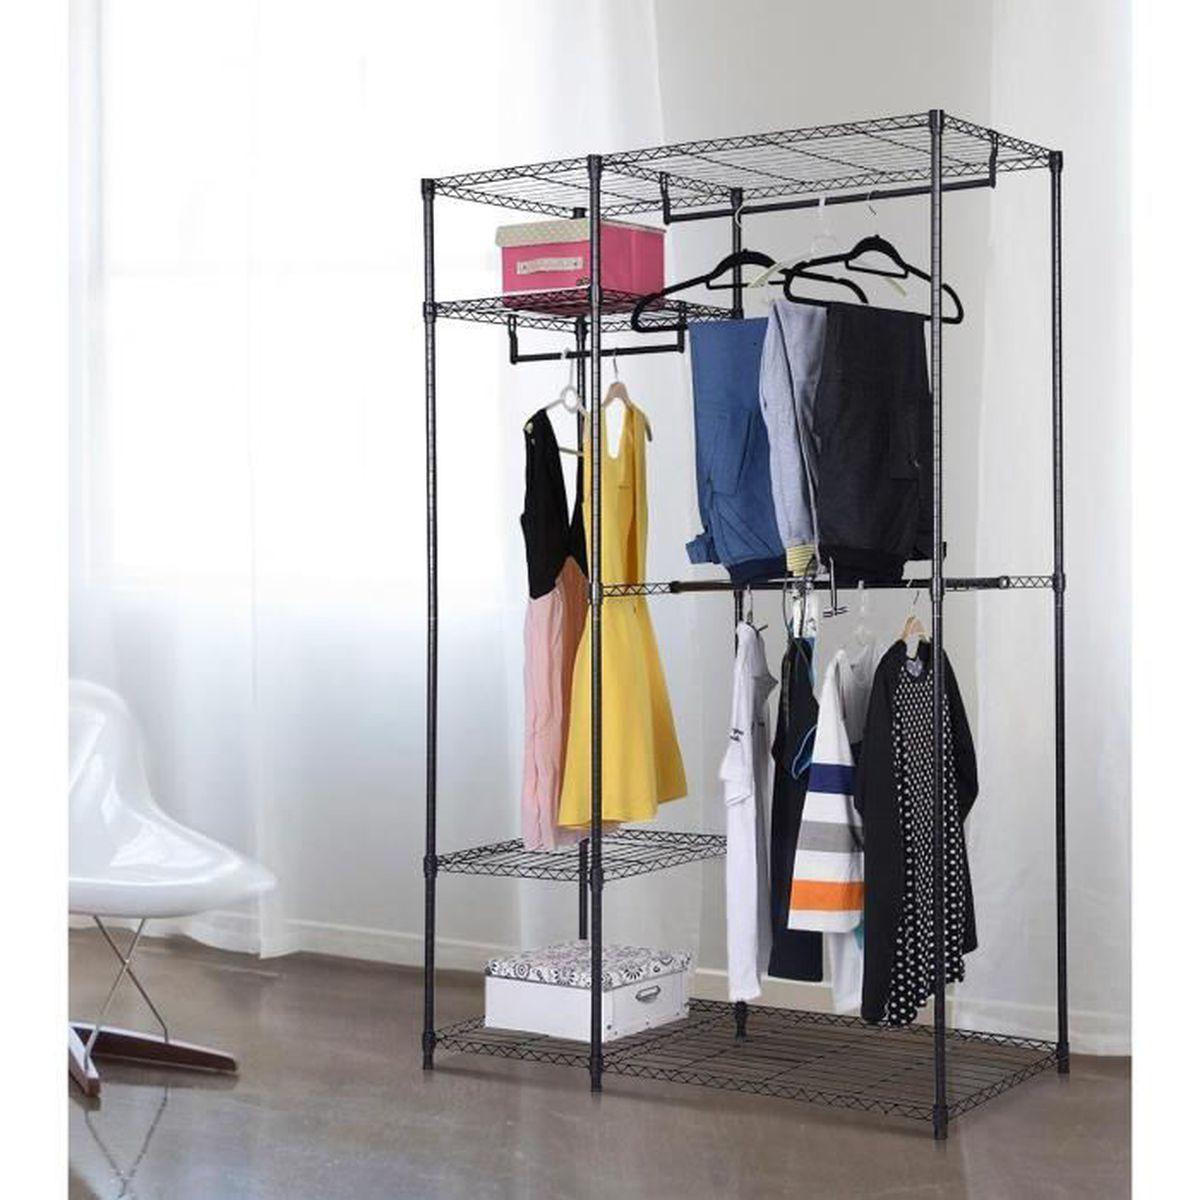 armoire avec structure en m tal robuste penderie locker pliant linge r glable achat vente. Black Bedroom Furniture Sets. Home Design Ideas